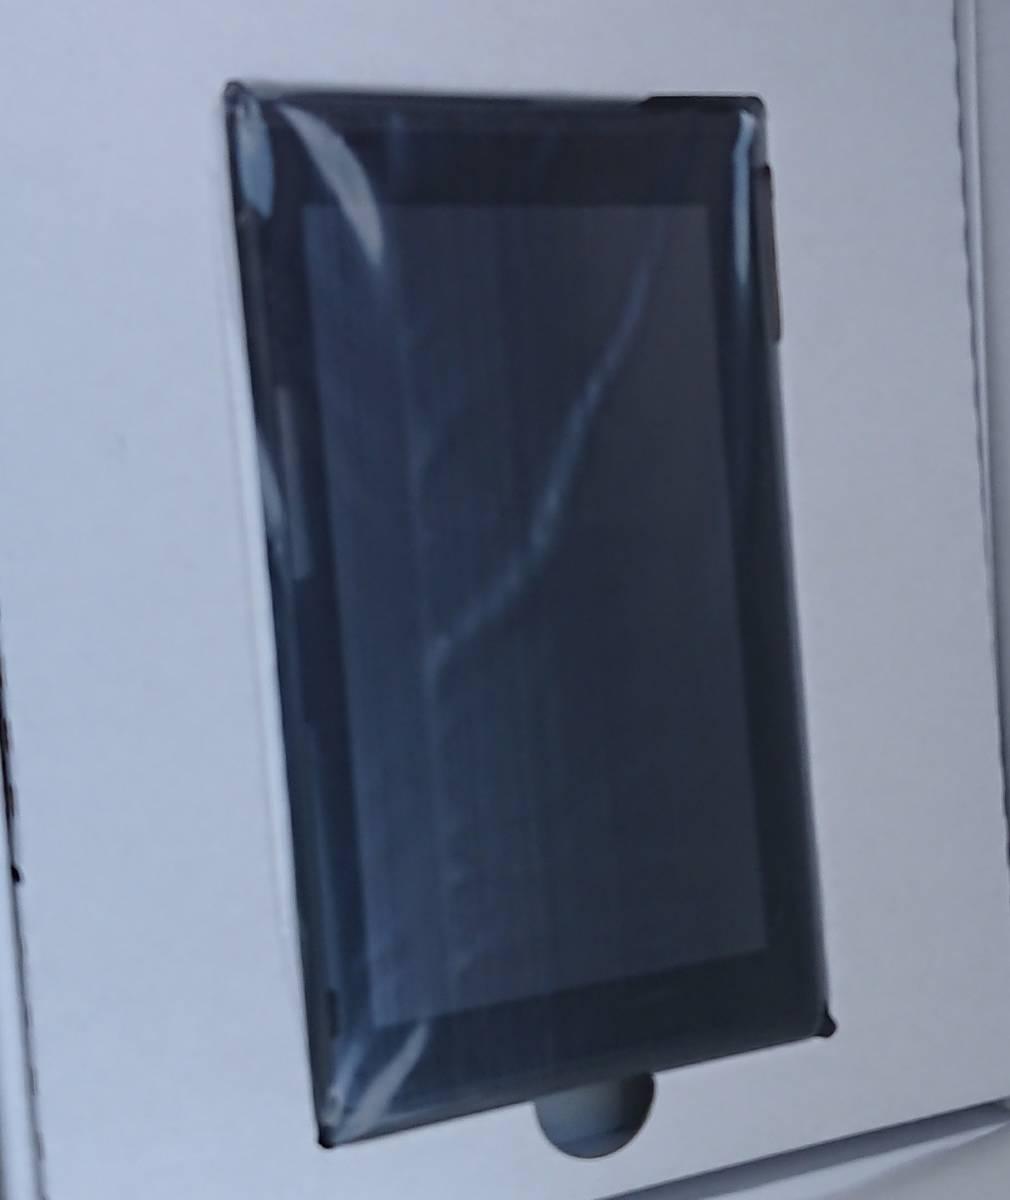 送料無料 バッテリー持続時間が長くなった新モデル スイッチ 本体のみ ニンテンドー switch 任天堂 未使用 新型_画像1